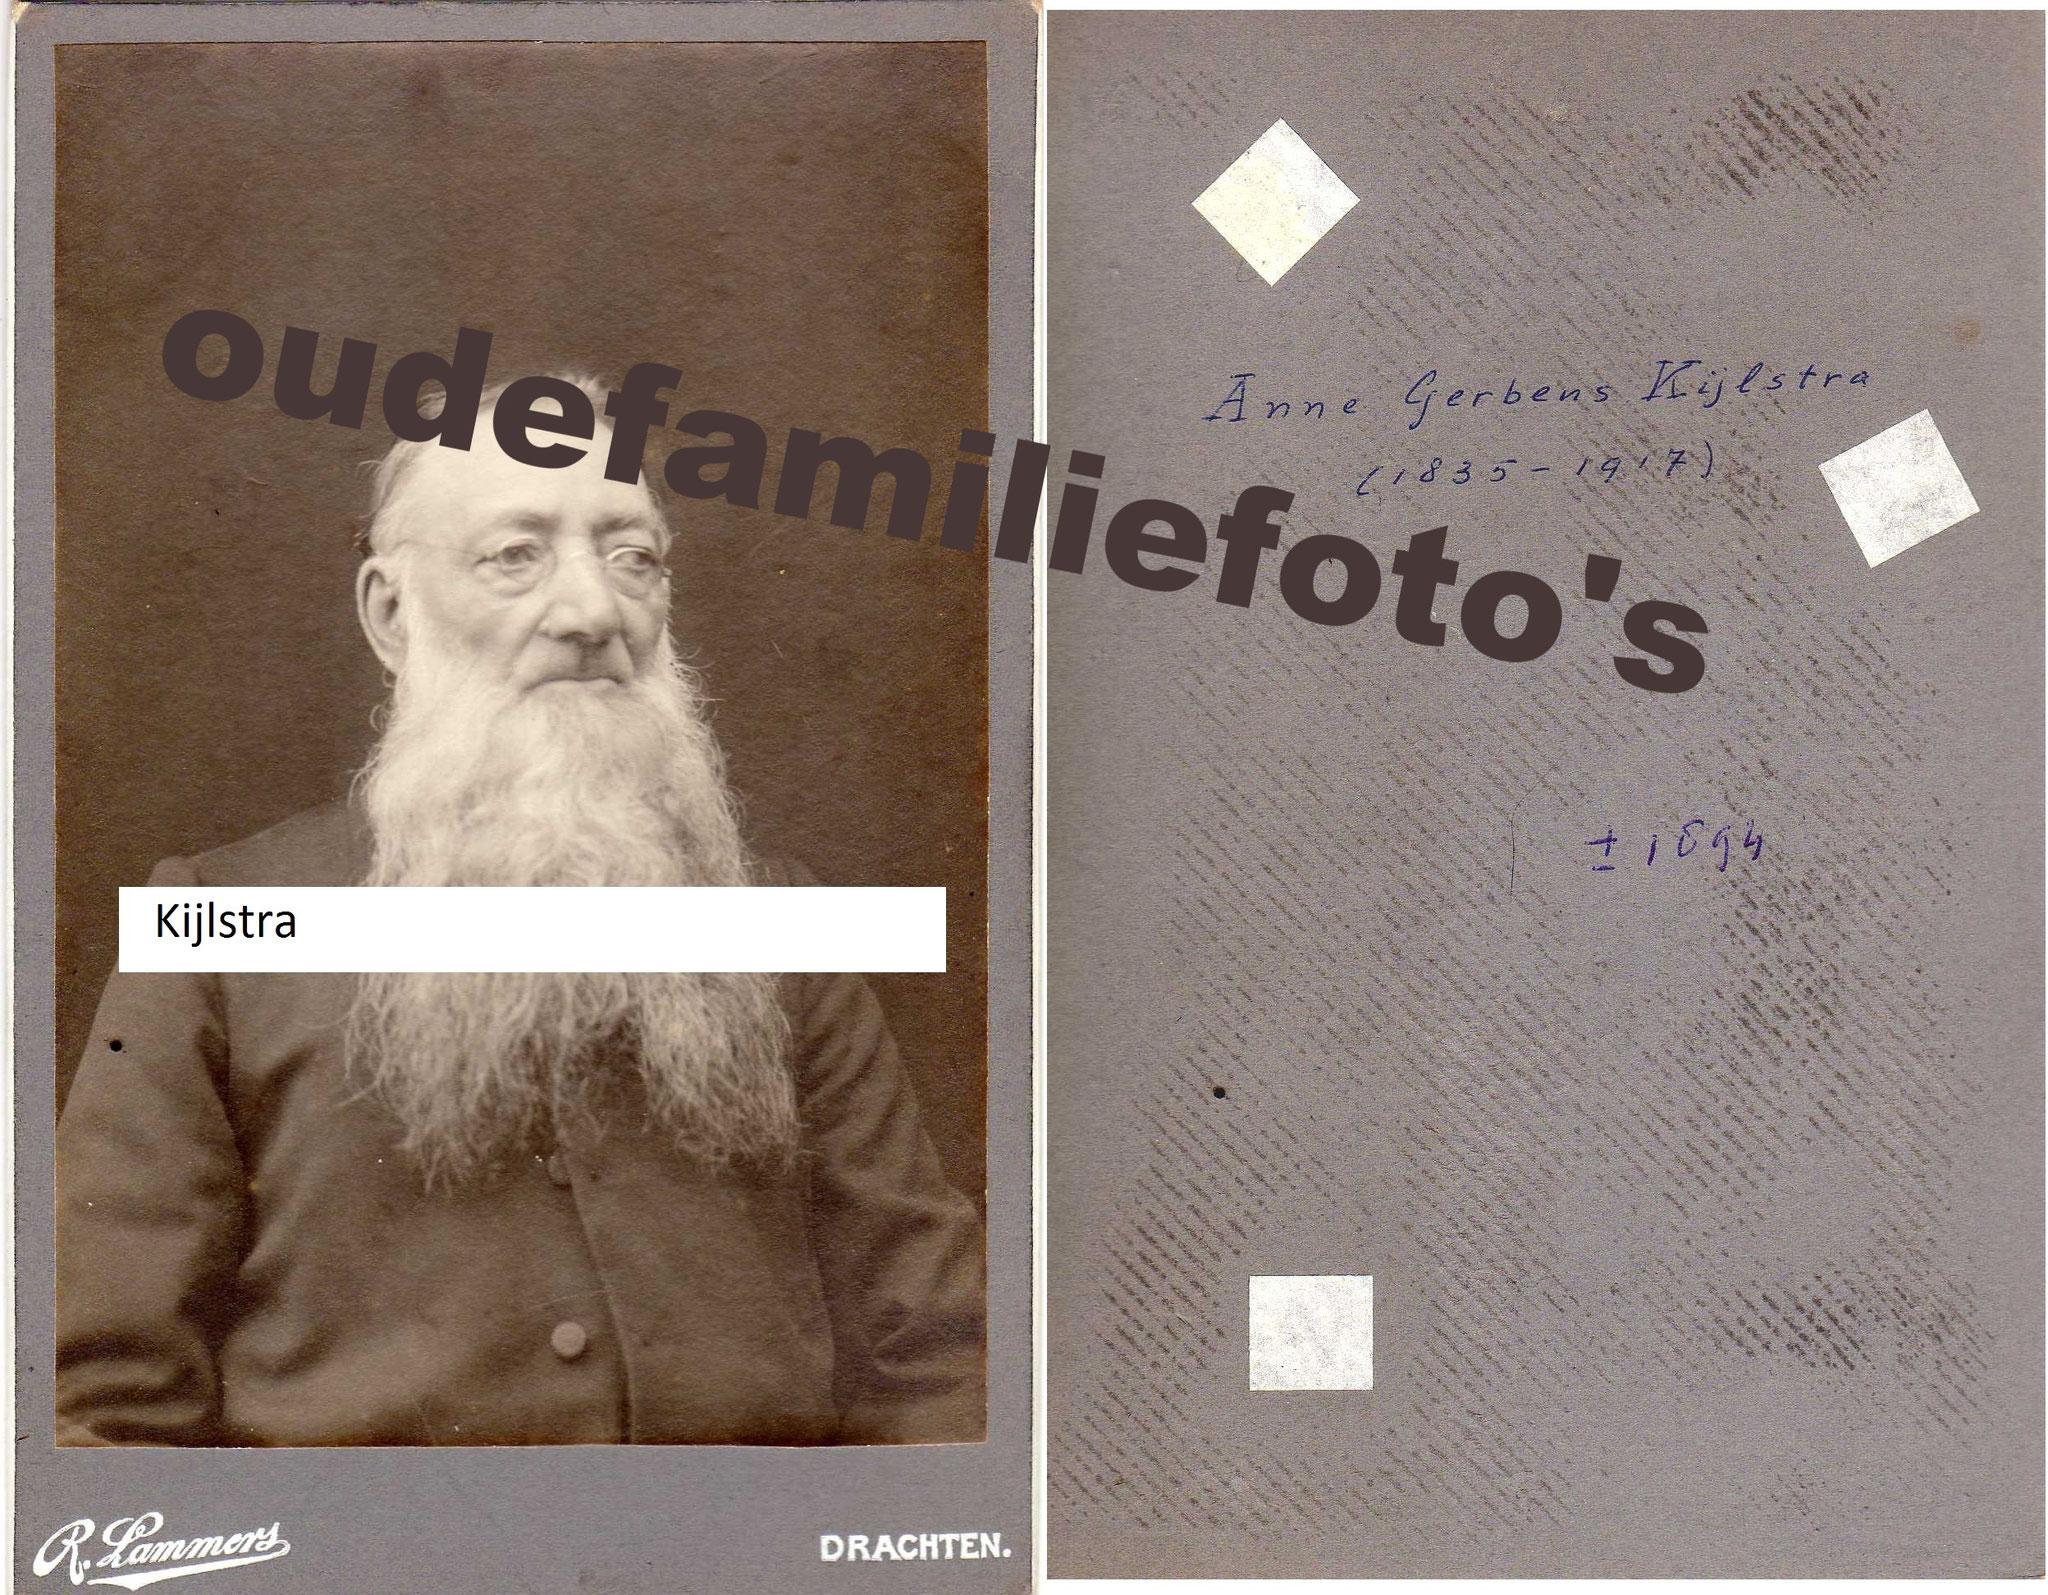 Kijlstra, Anne Gerbens. geboren 27-3-1834 Drachten € 4,00